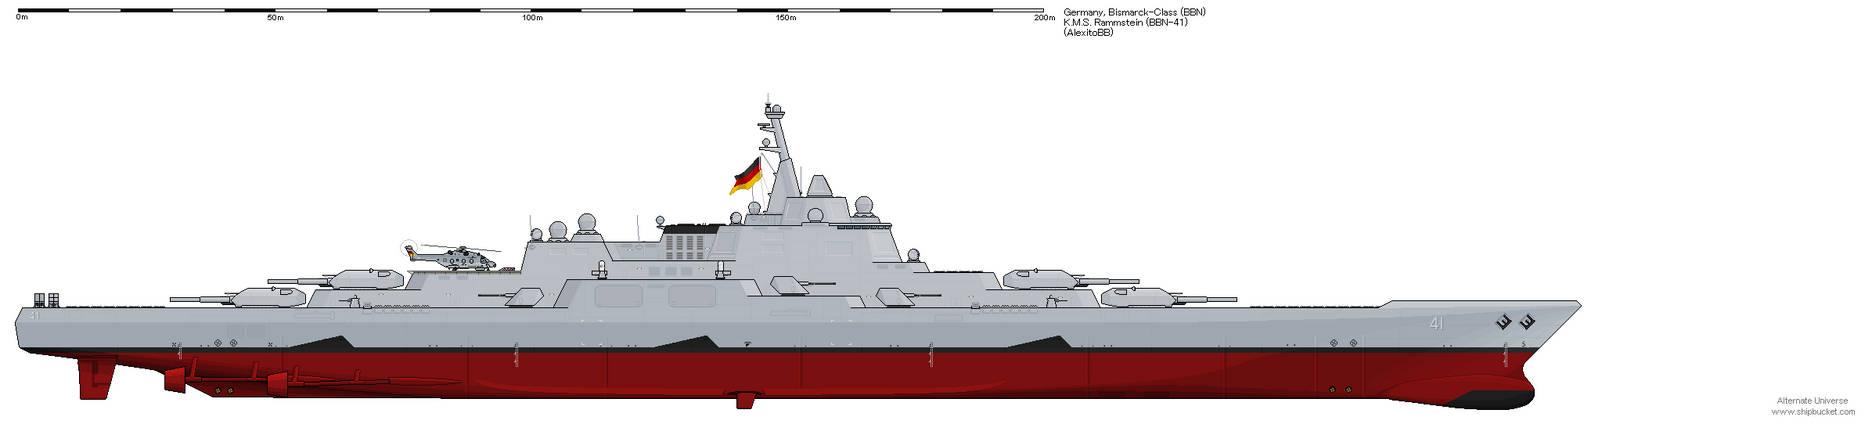 Bismarck-Class (BBN)